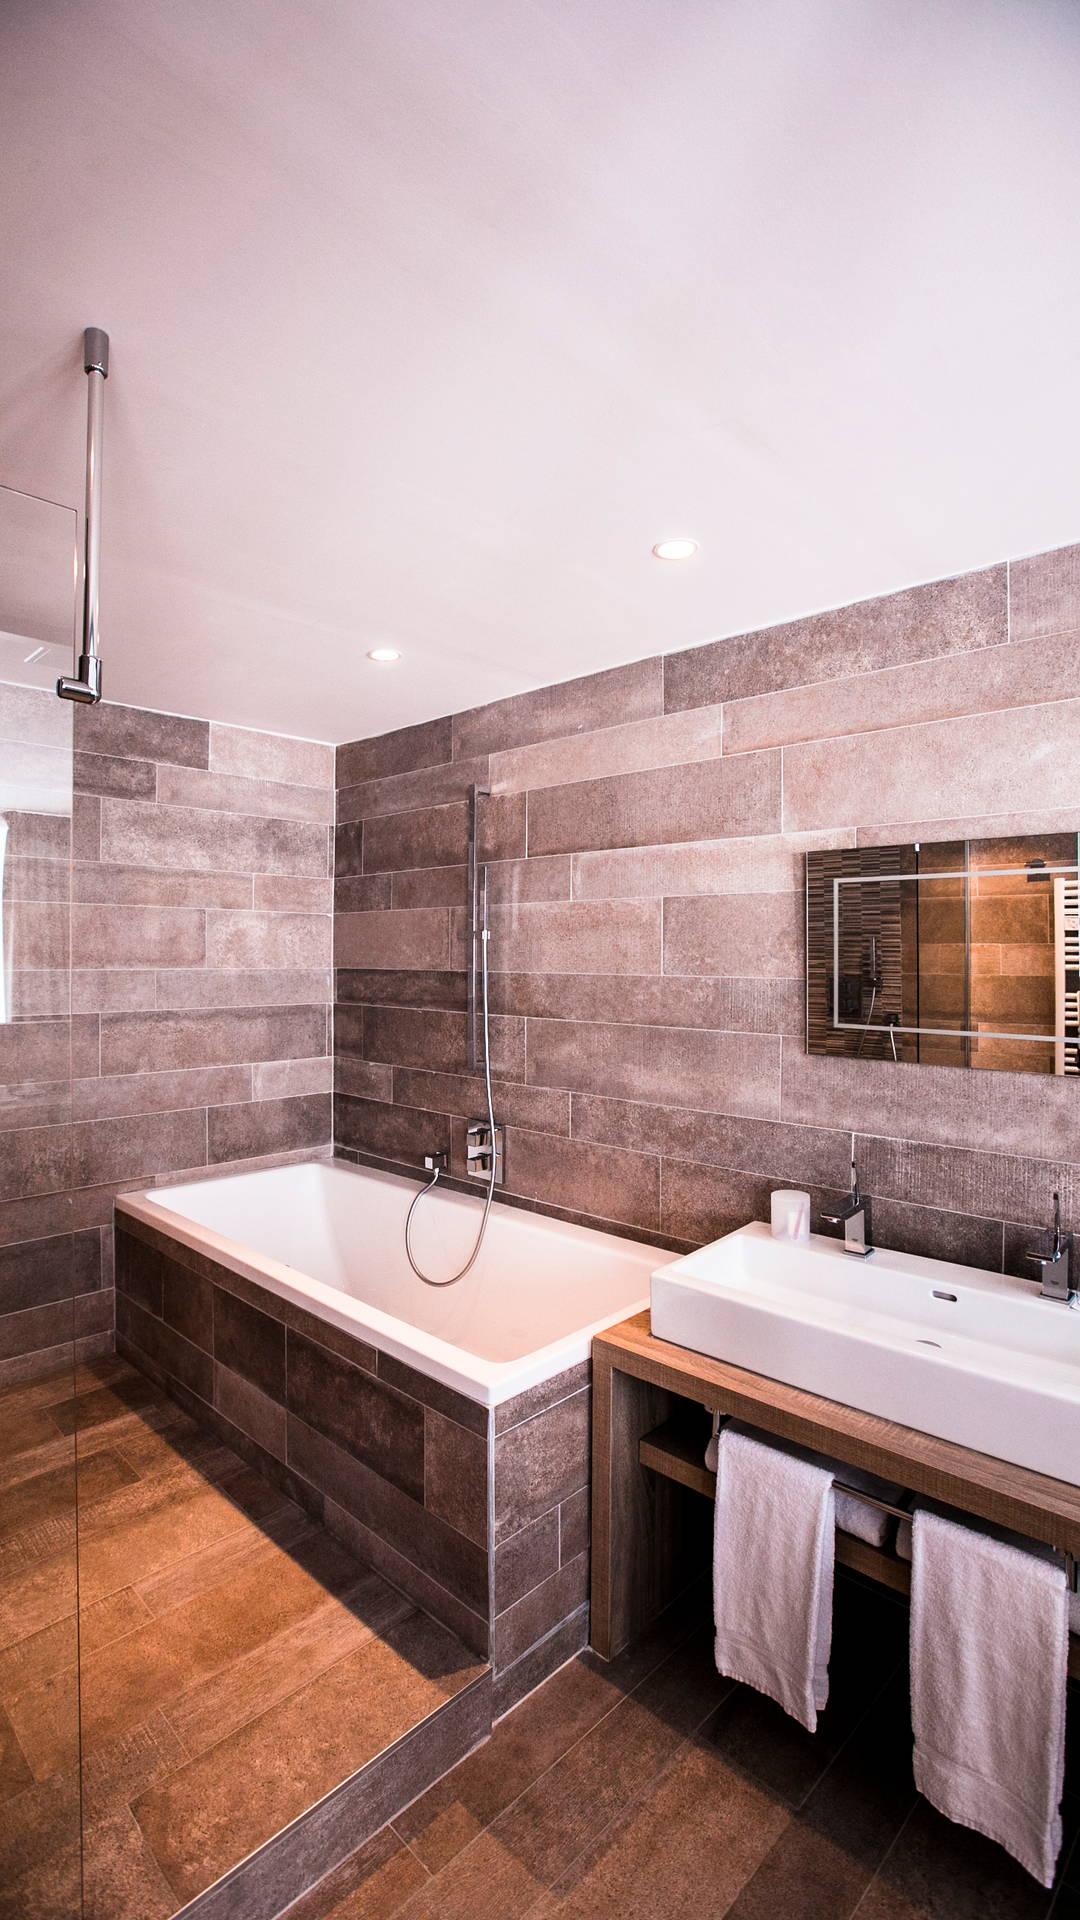 Salle de bain avec baignoire, serviettes et vasque pour deux personnes, hotel vue sur mer, Hôtel La Plage.